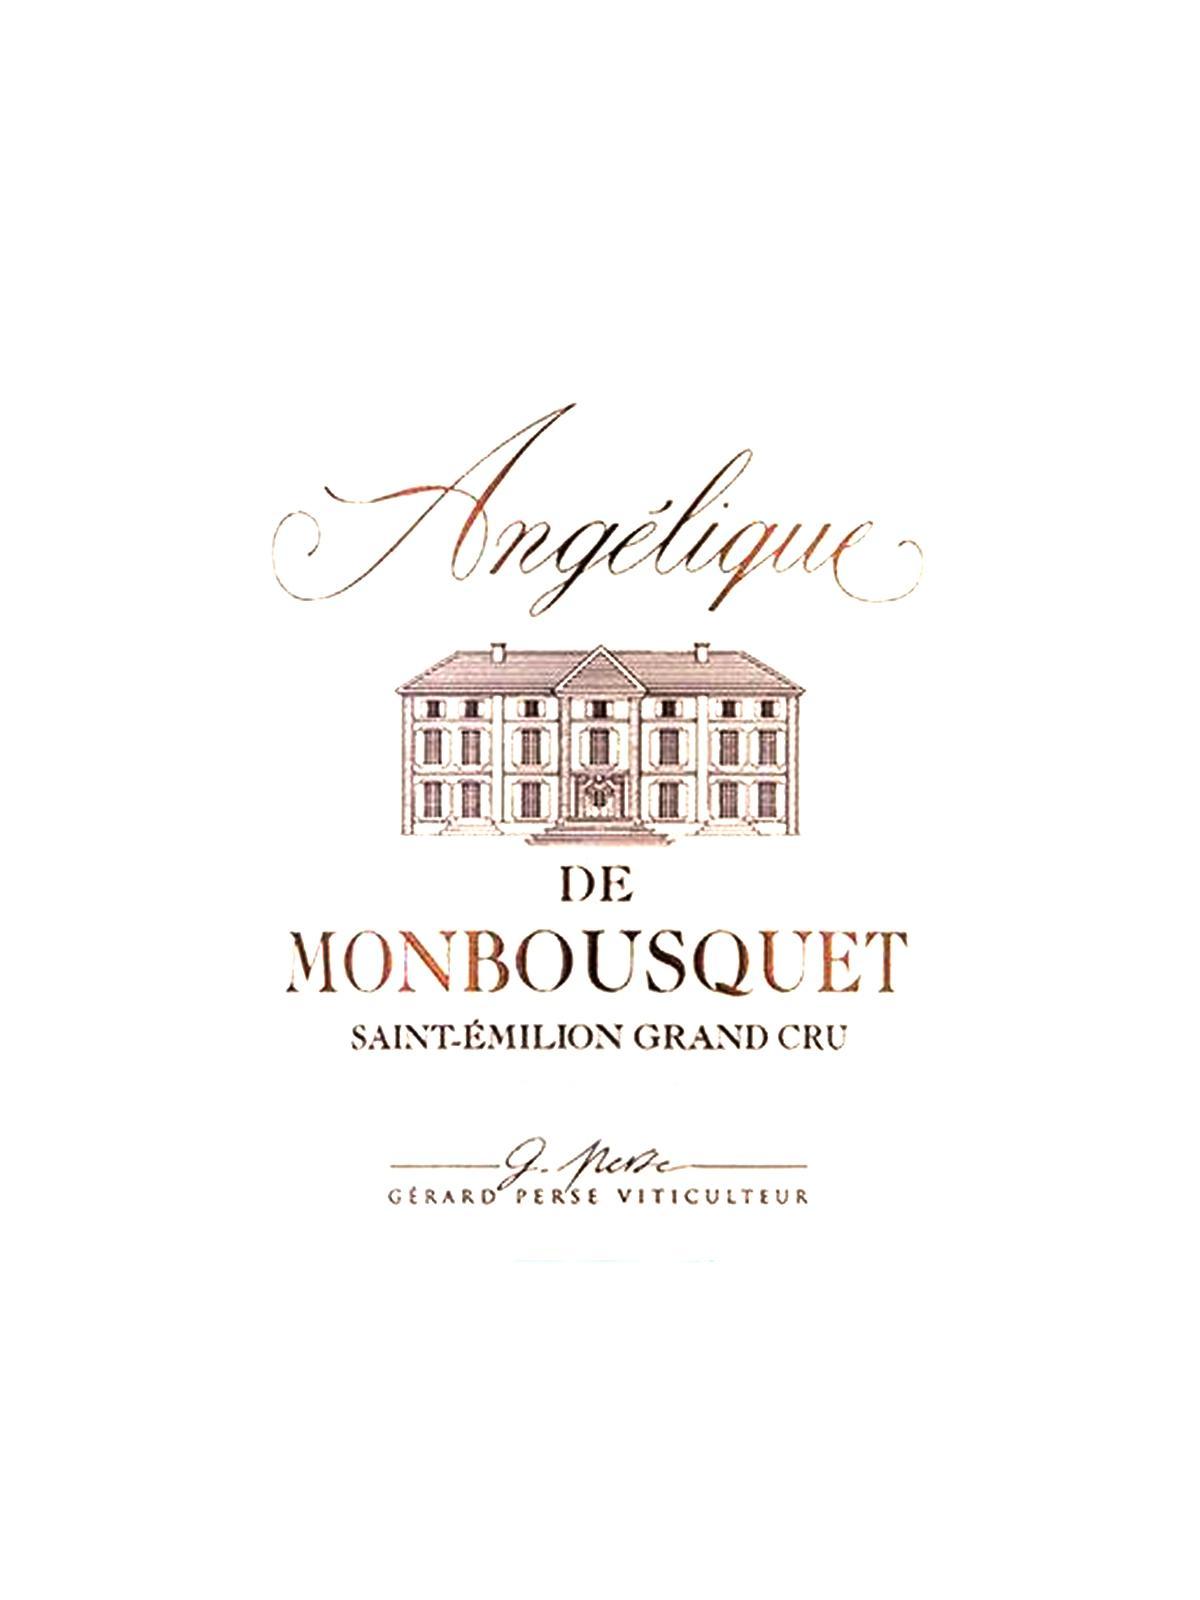 Vang Angelique de Monbousquet 2013